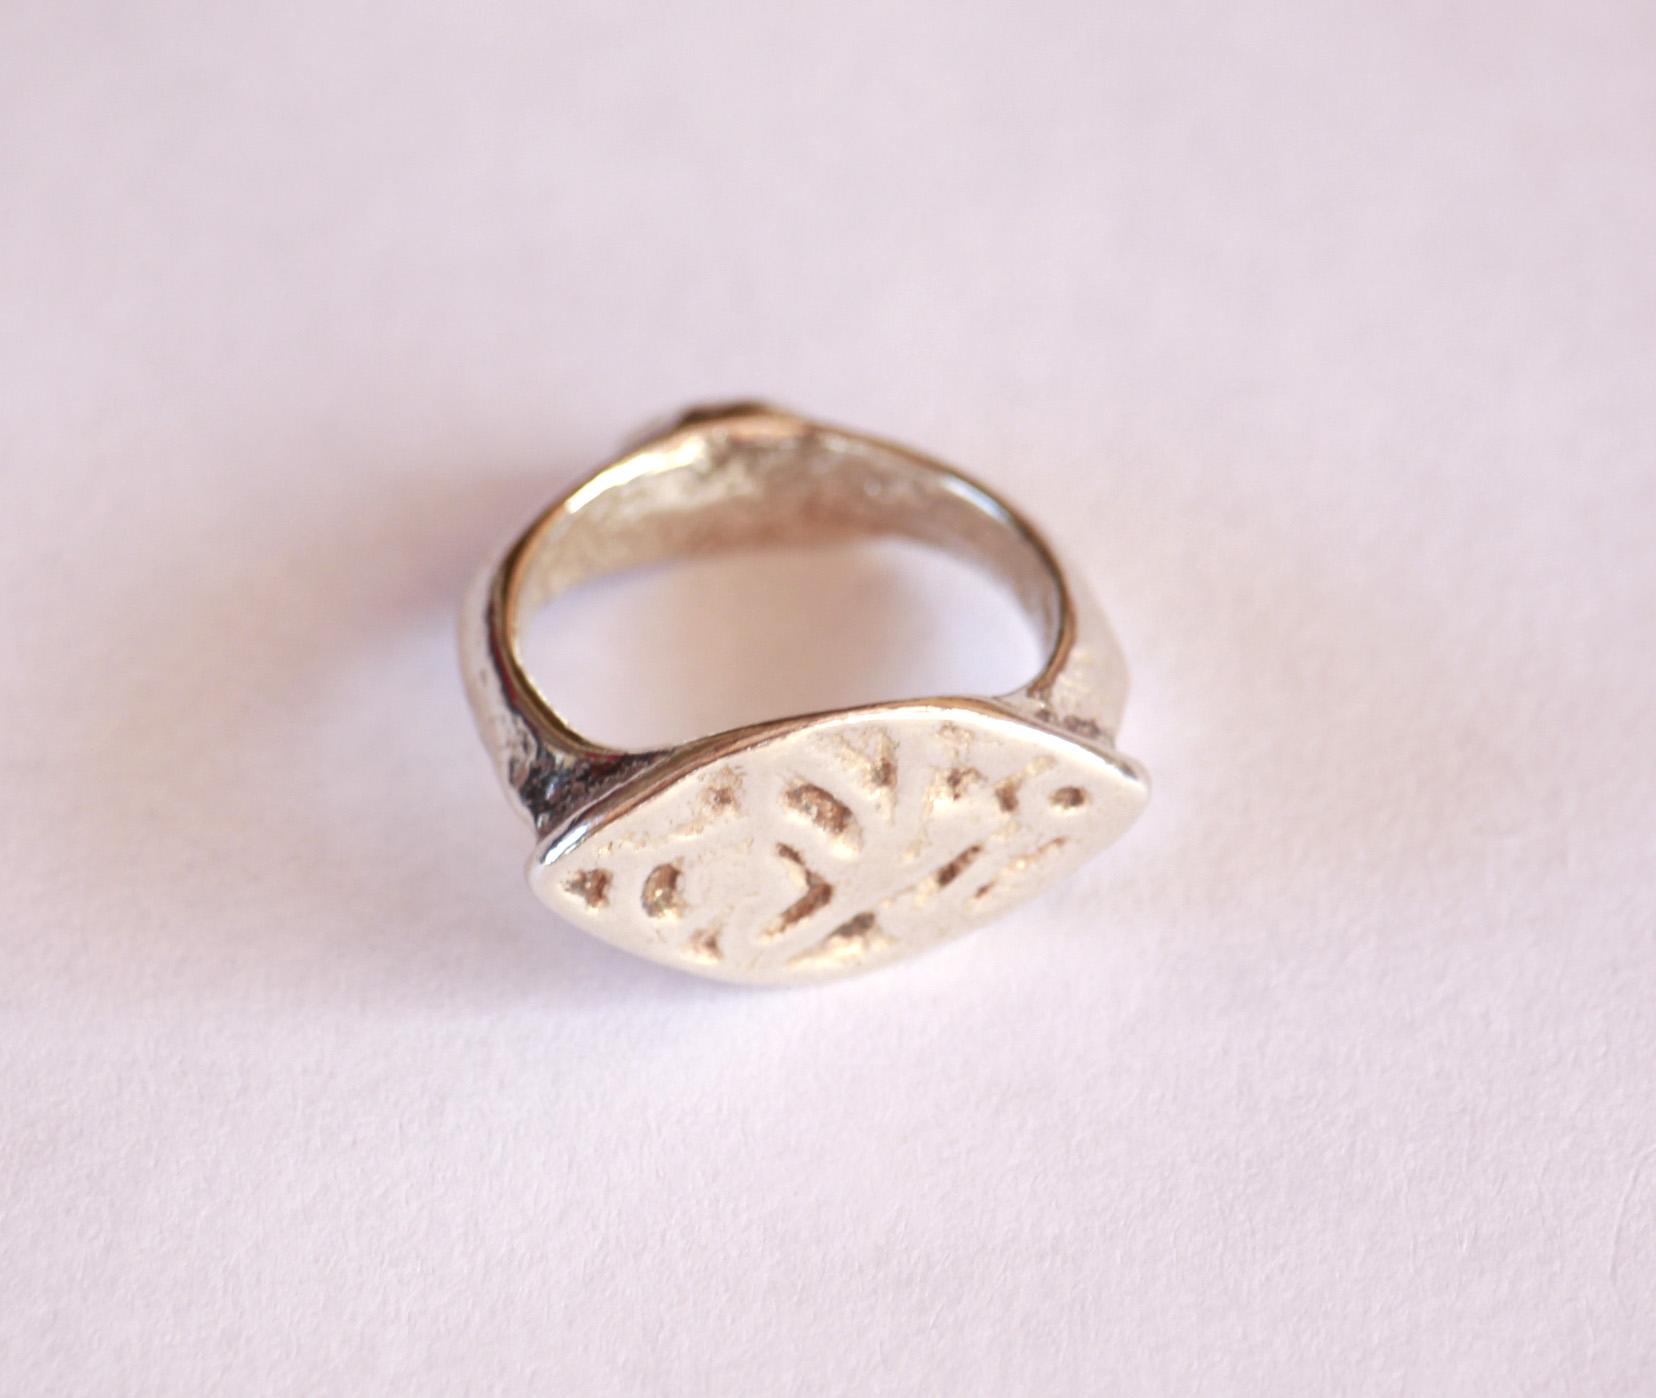 טבעת חותם עתיקה מהתקופה הרומית ביזנטית R117